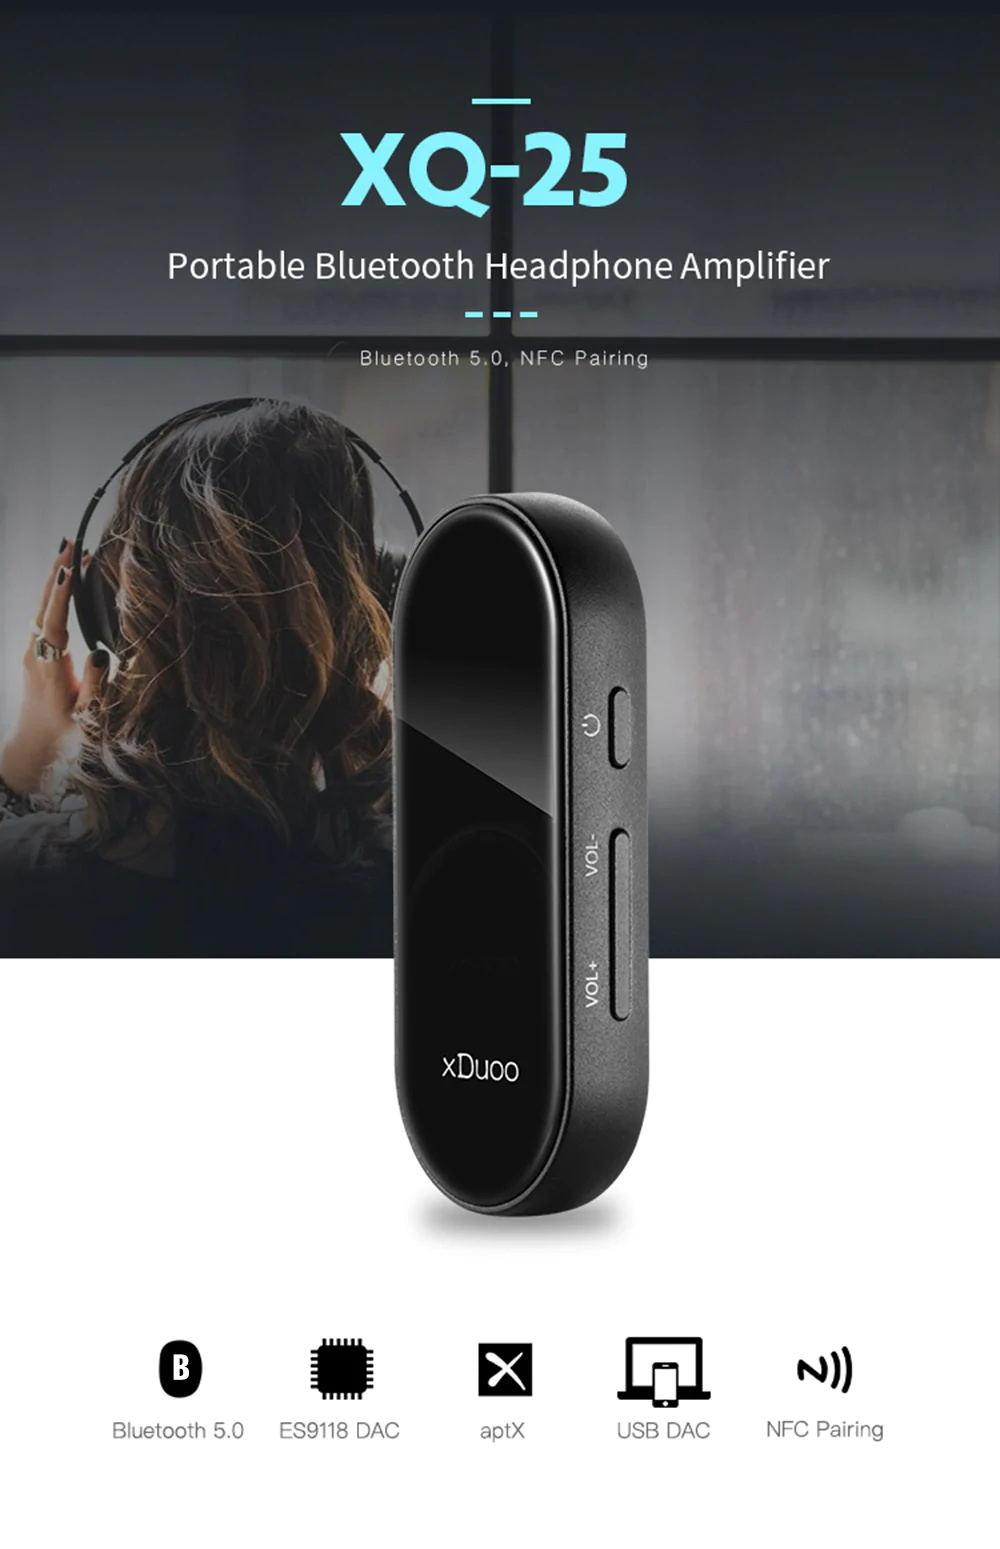 xduoo xq-25 headphone amplifier